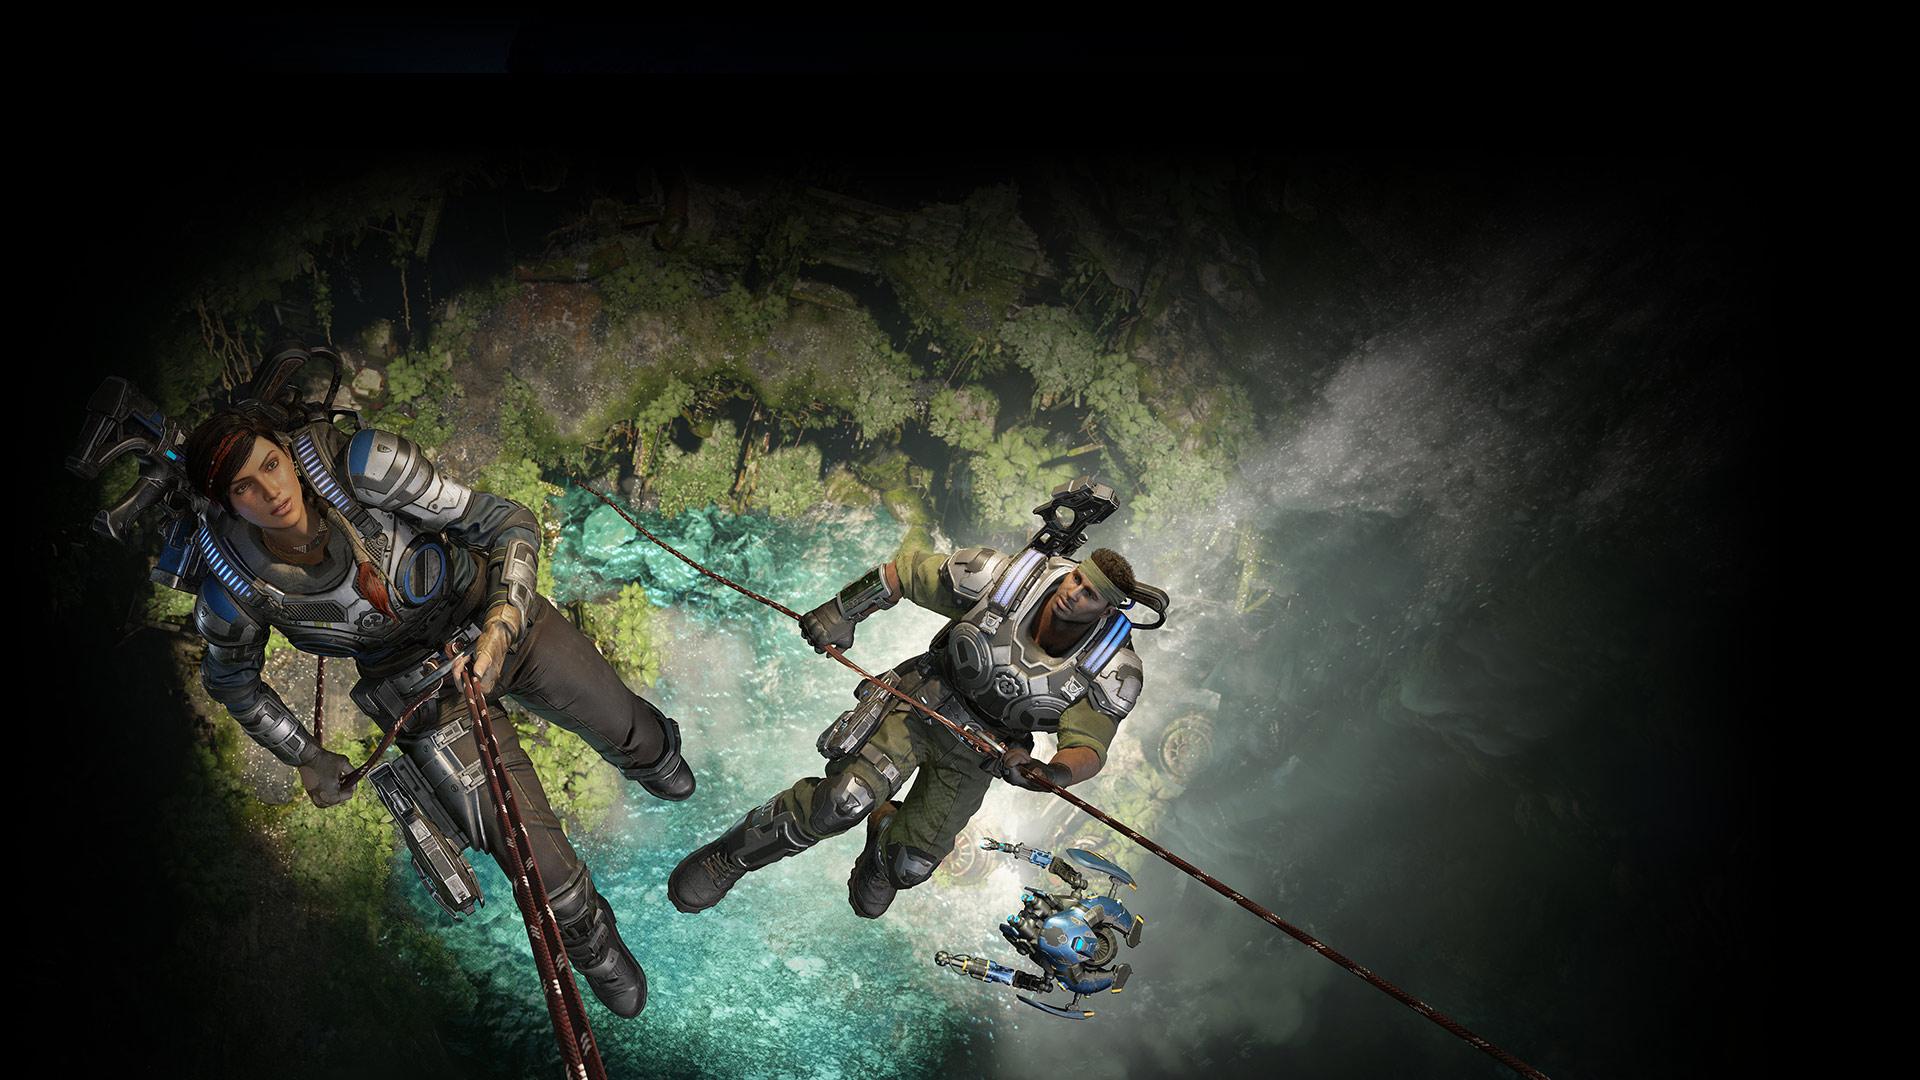 Kait y Del descienden un acantilado con cuerdas